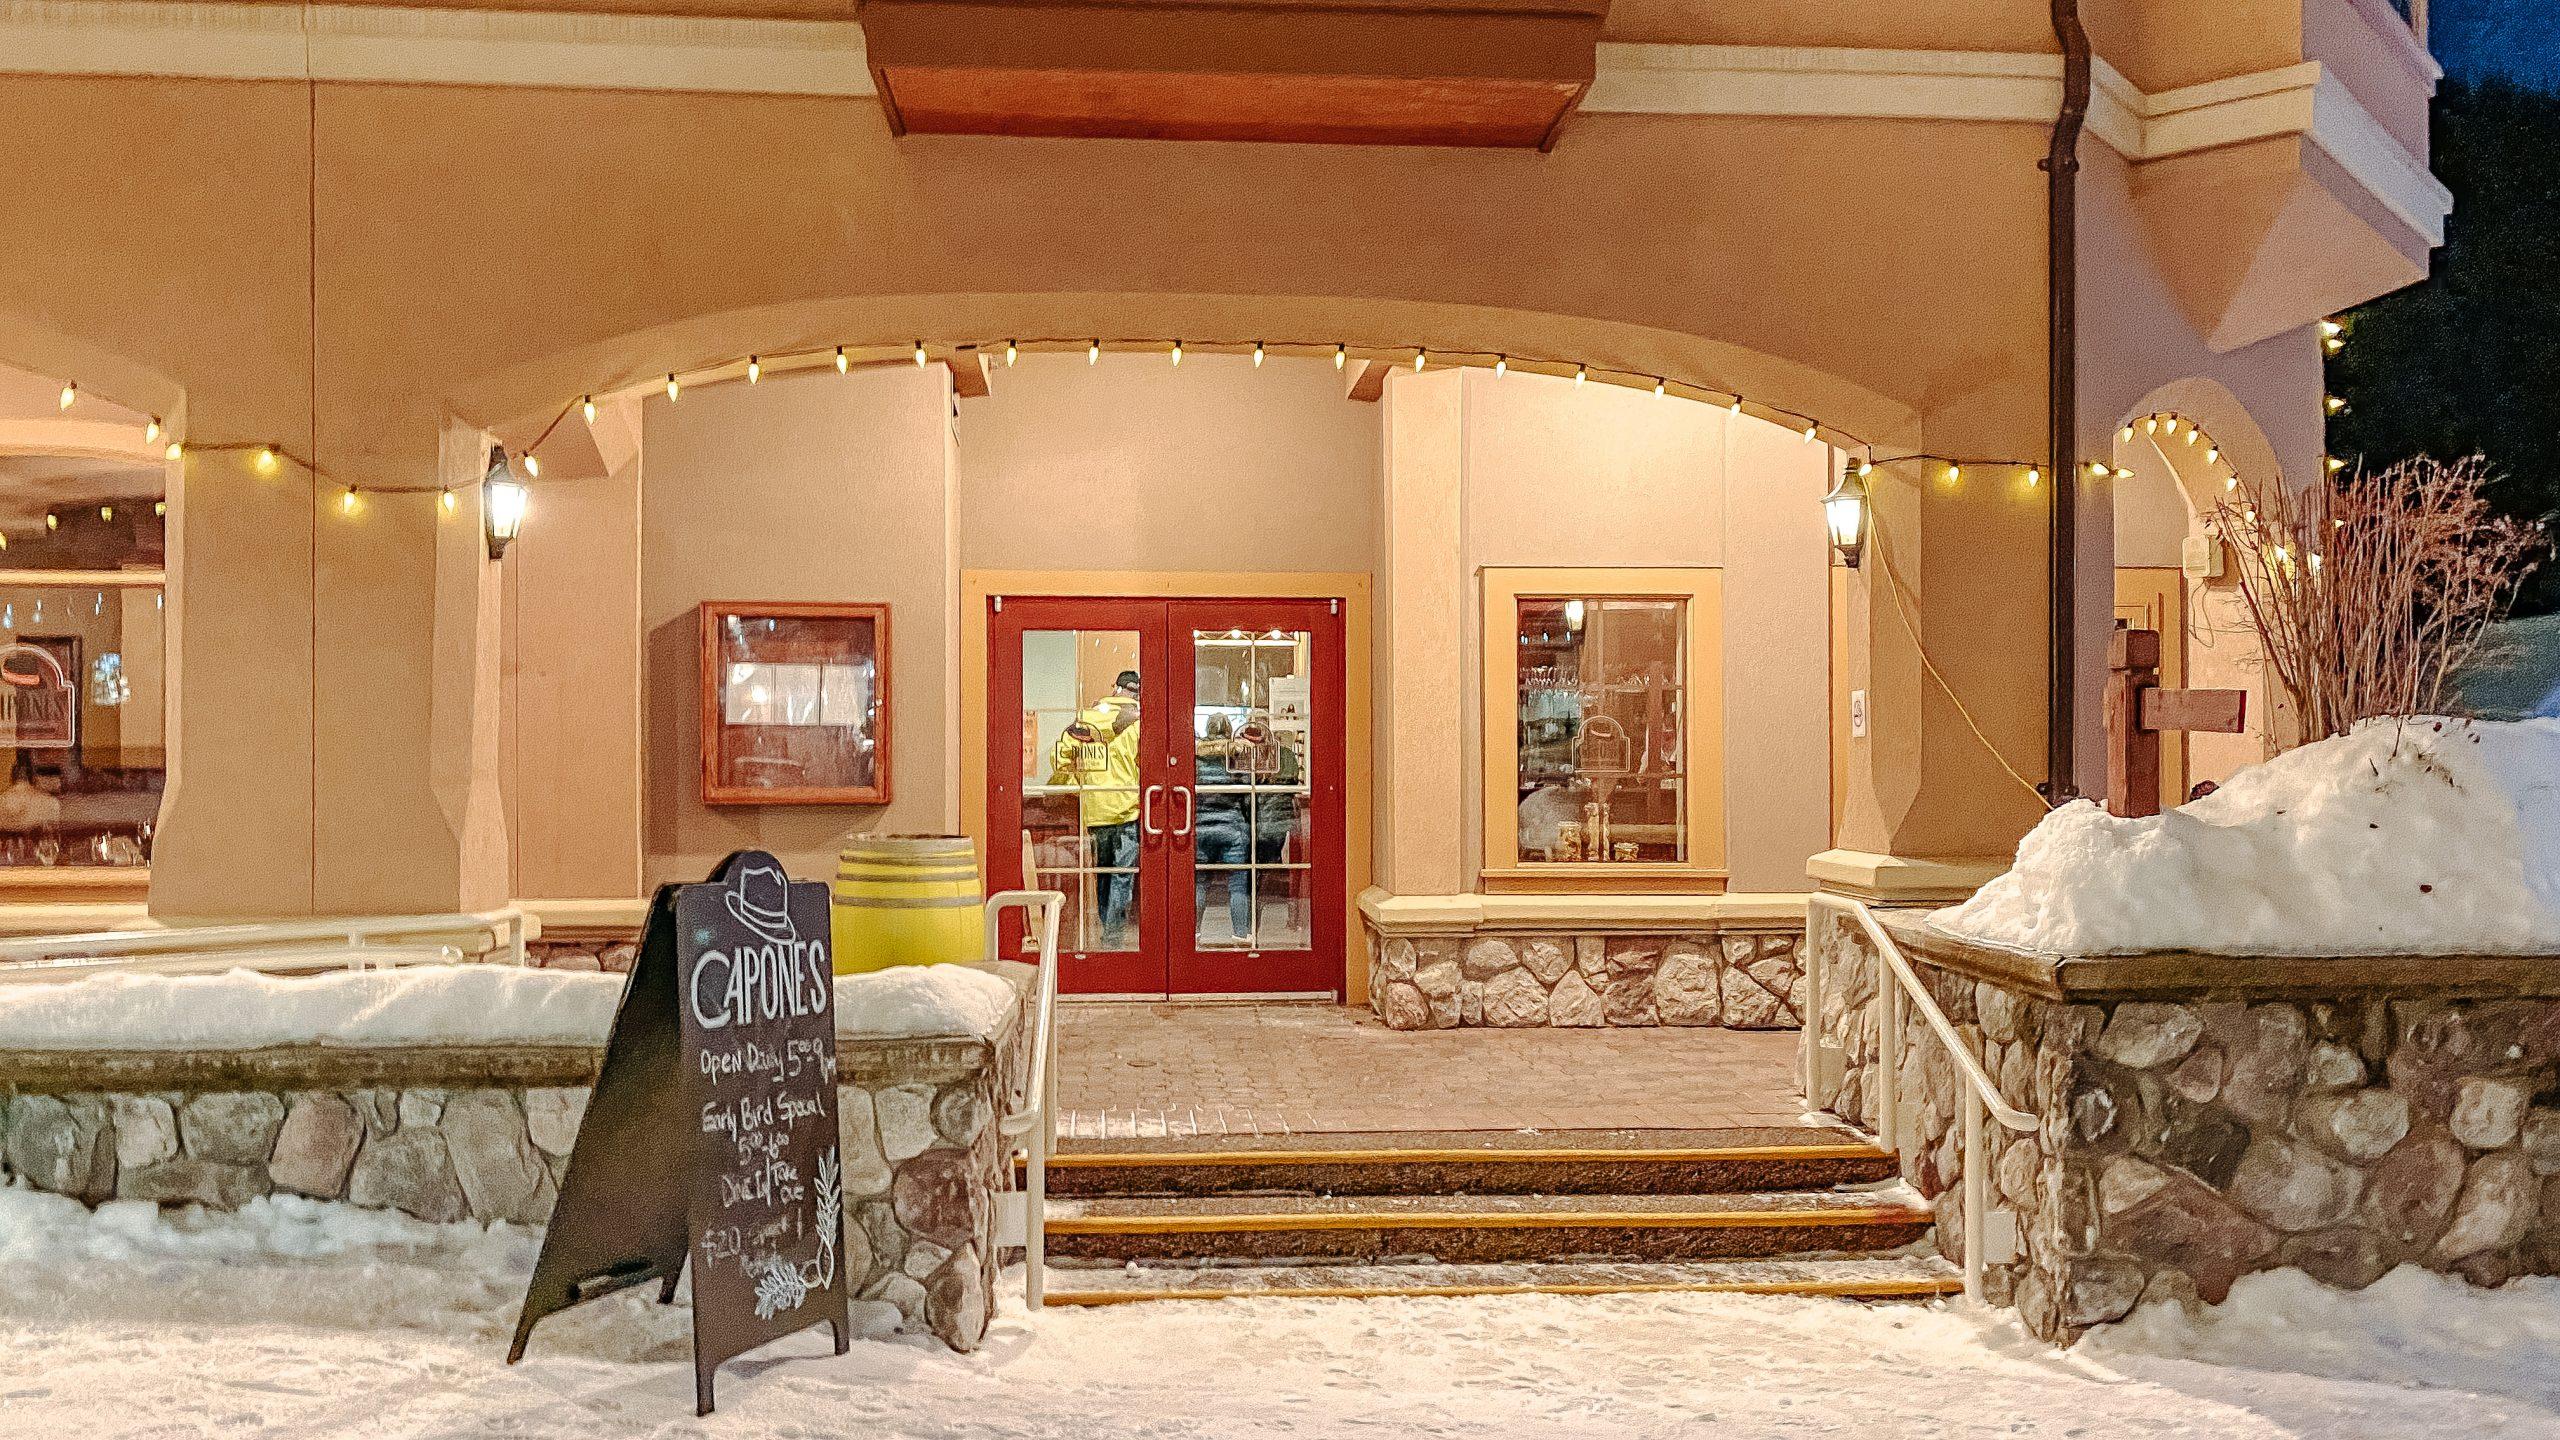 Capone's Italian Kitchen, Sun Peaks Resort